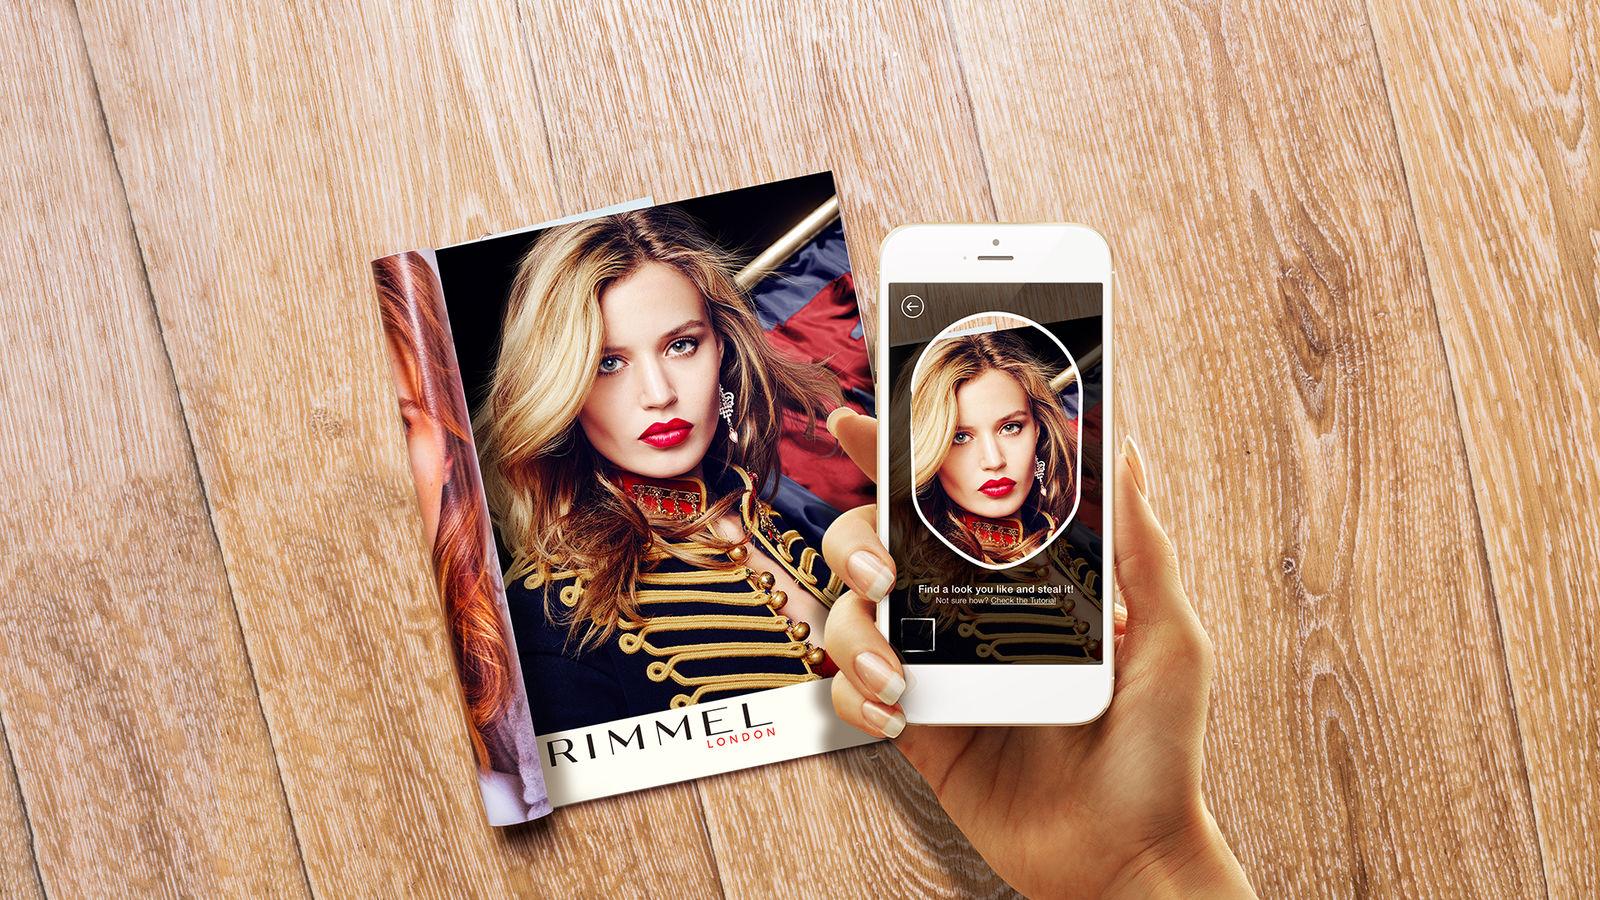 Rimmel-full2